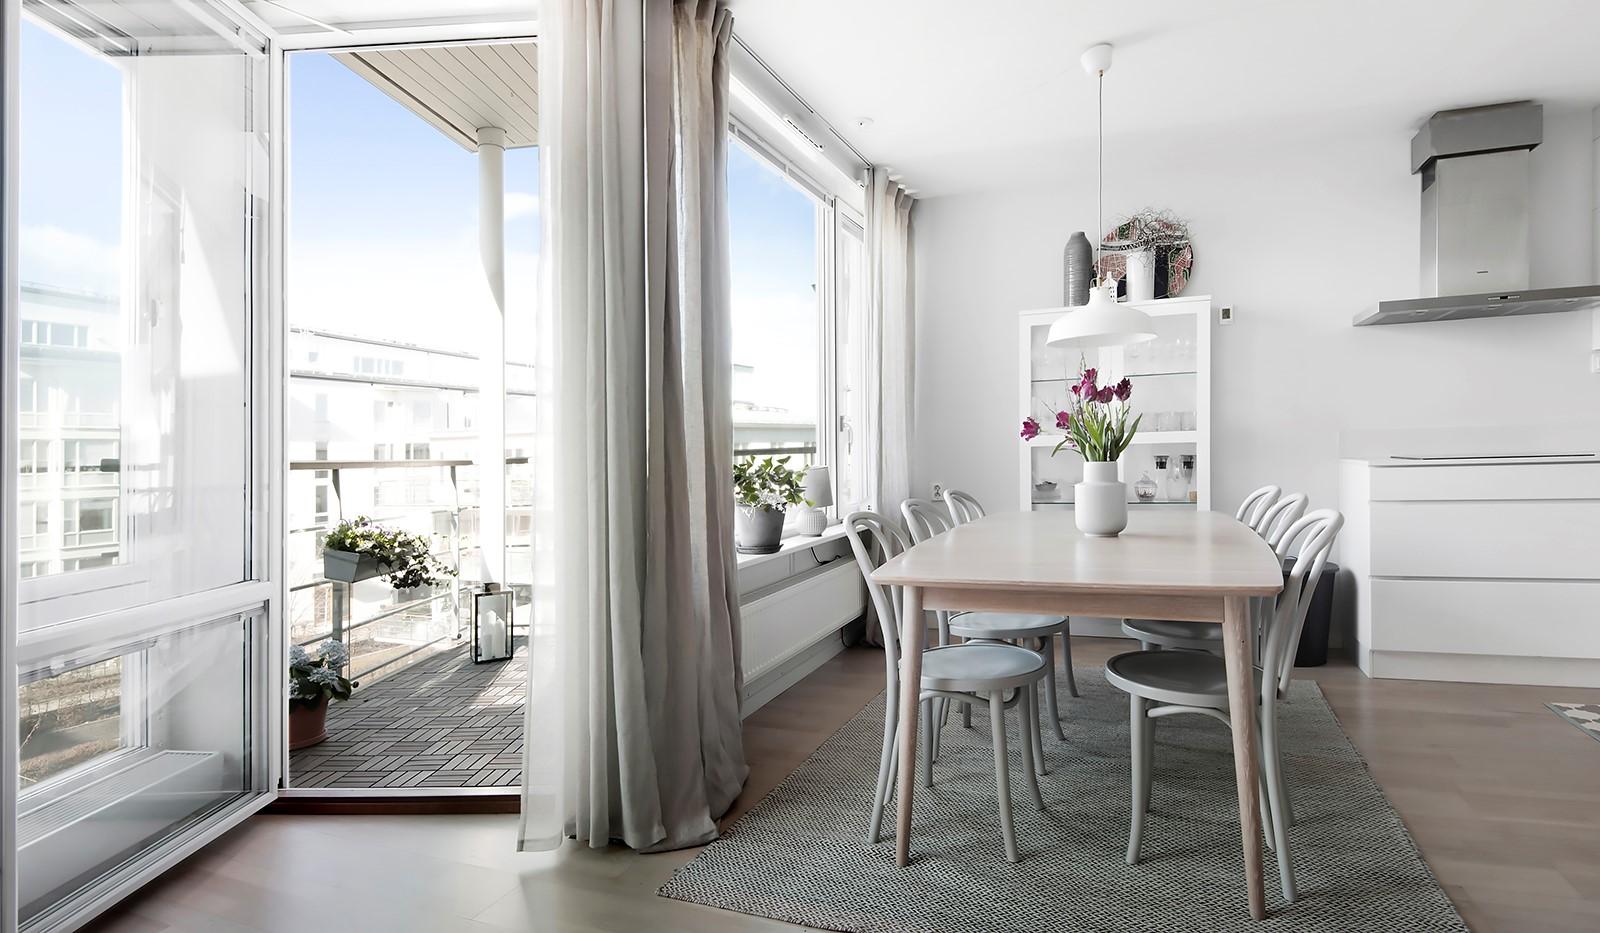 Babordsgatan 5, vån 3 - Från kök/vardagsrum når man balkongen